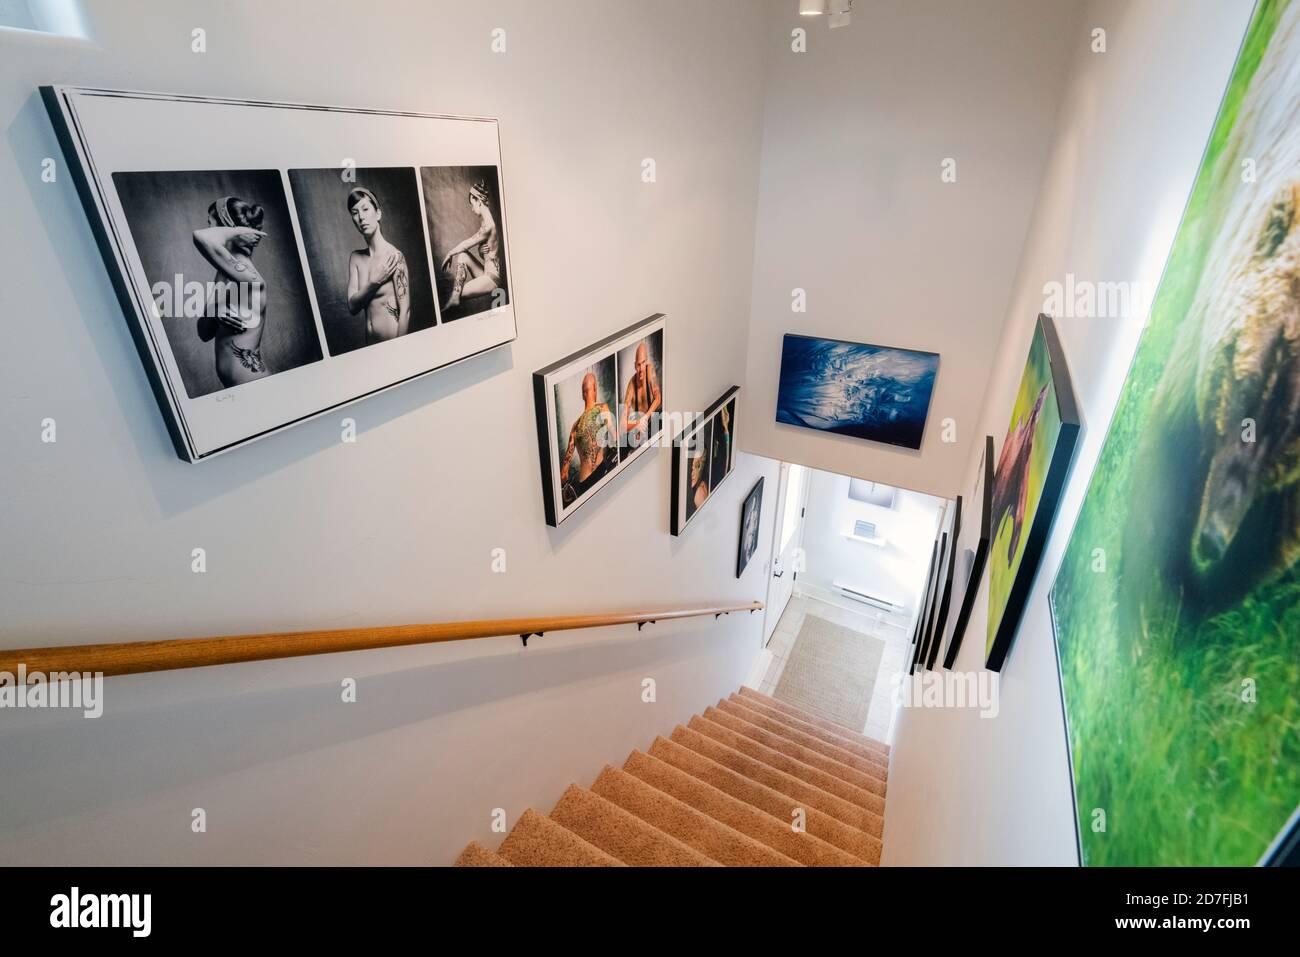 Escalier de bureau décoré de reproductions photographiques Gicleé Banque D'Images